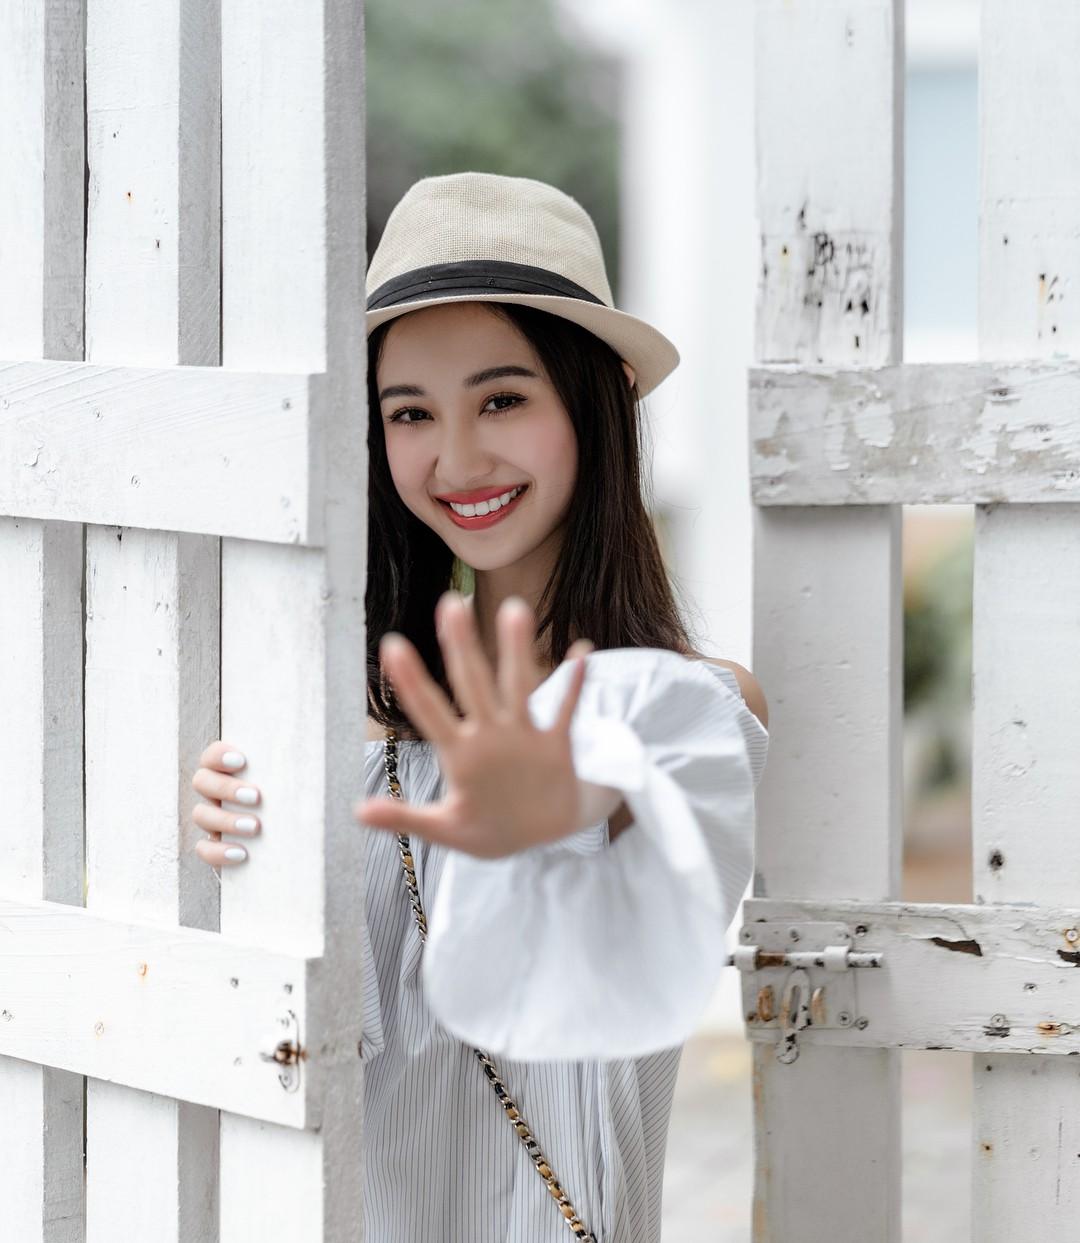 Để có được vóc dáng 'vạn người mê', Jun Vũ đã theo một bộ môn vẫn còn rất ít con gái Việt tập - Ảnh 8